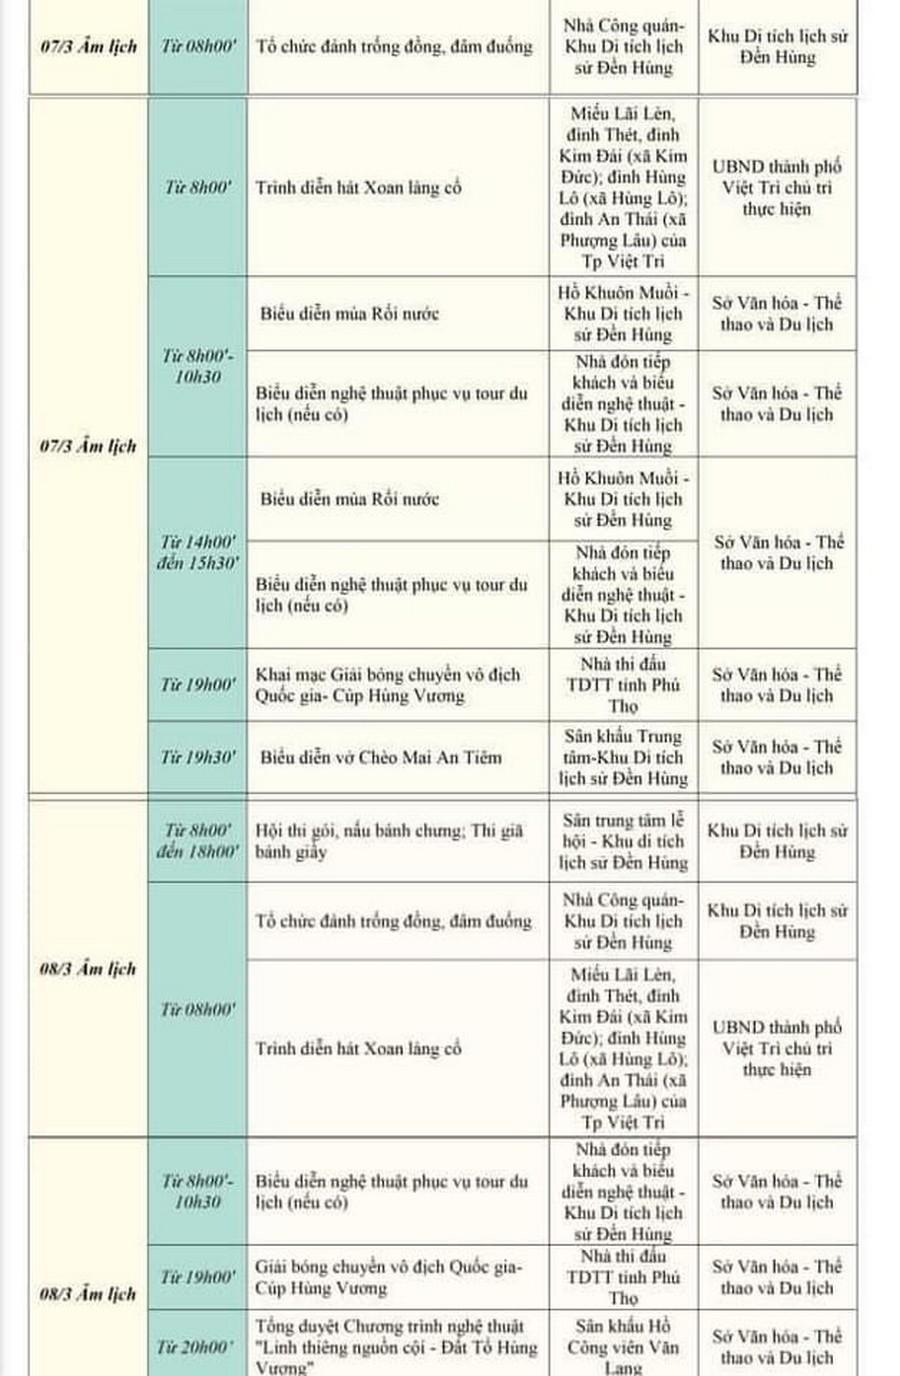 Lịch trình tổ chức lễ hội đền Hùng 7/3 âm lịch